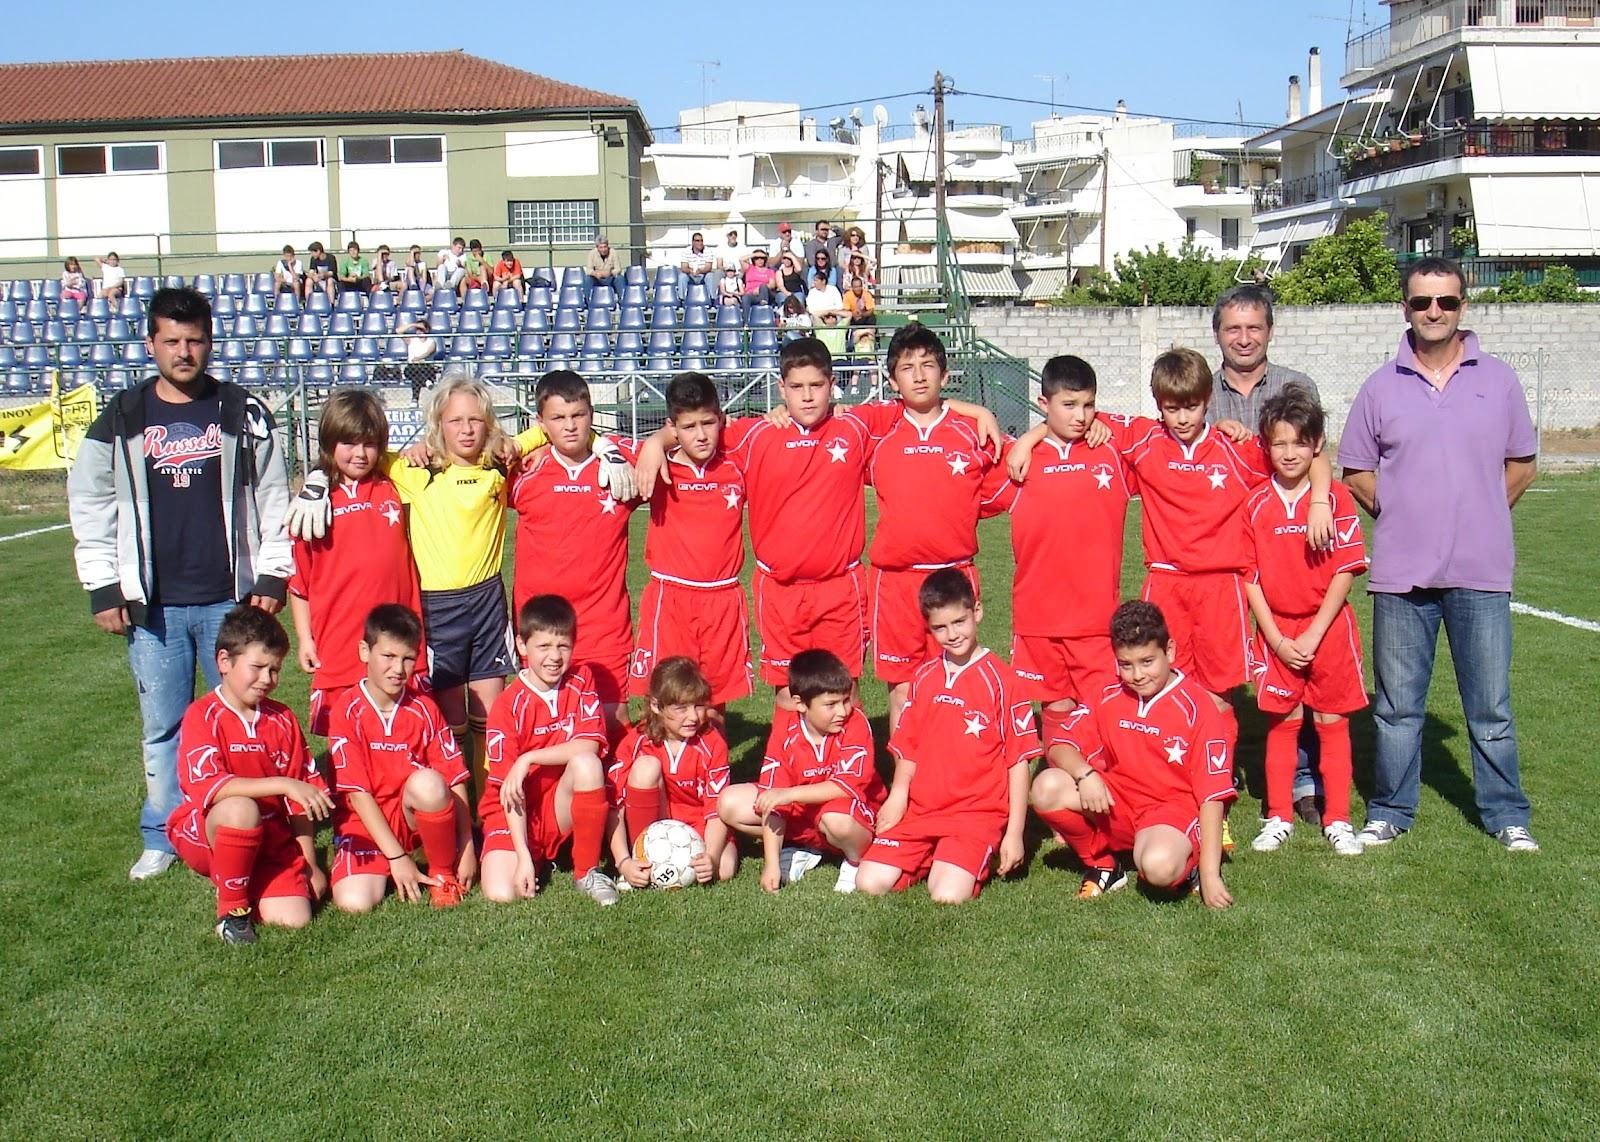 αστερασ αρησ: Αγιος Σεραφείμ News: Ποδοσφαιρικος αγώνας.2η Αγωνιστική